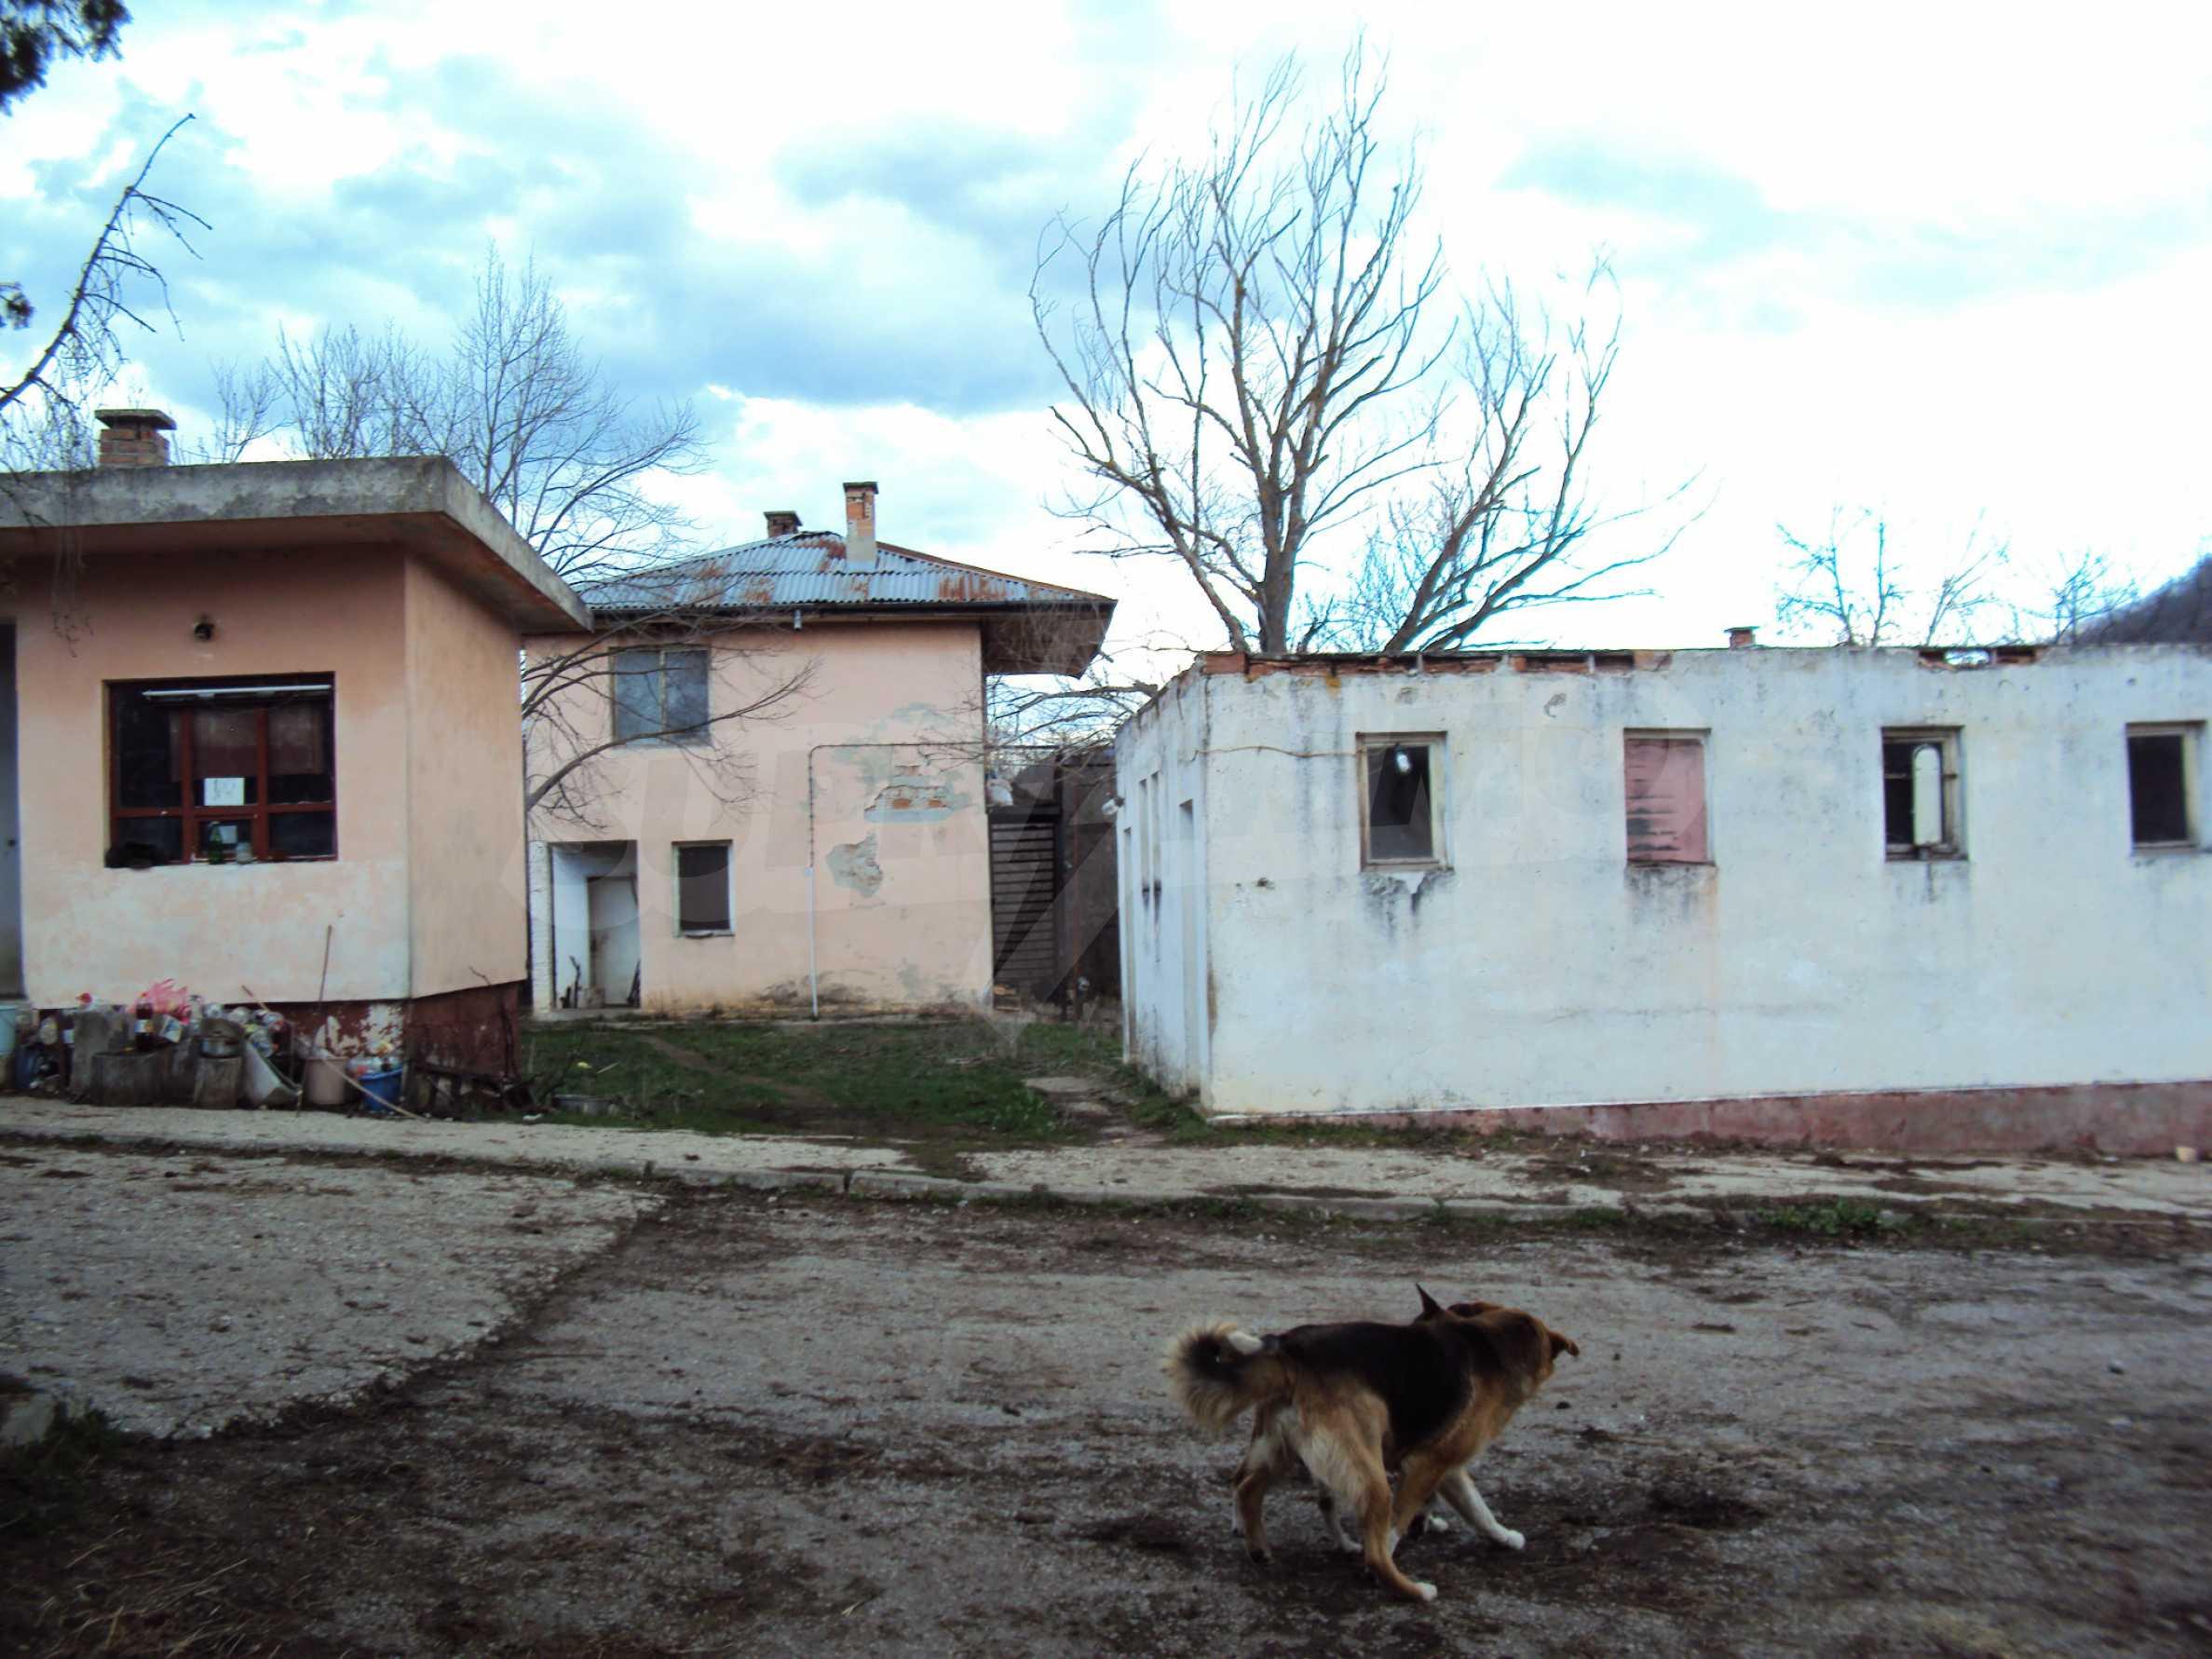 Ein Nebengebäude in einer kleinen Stadt 24 km von Veliko Tarnovo entfernt 6